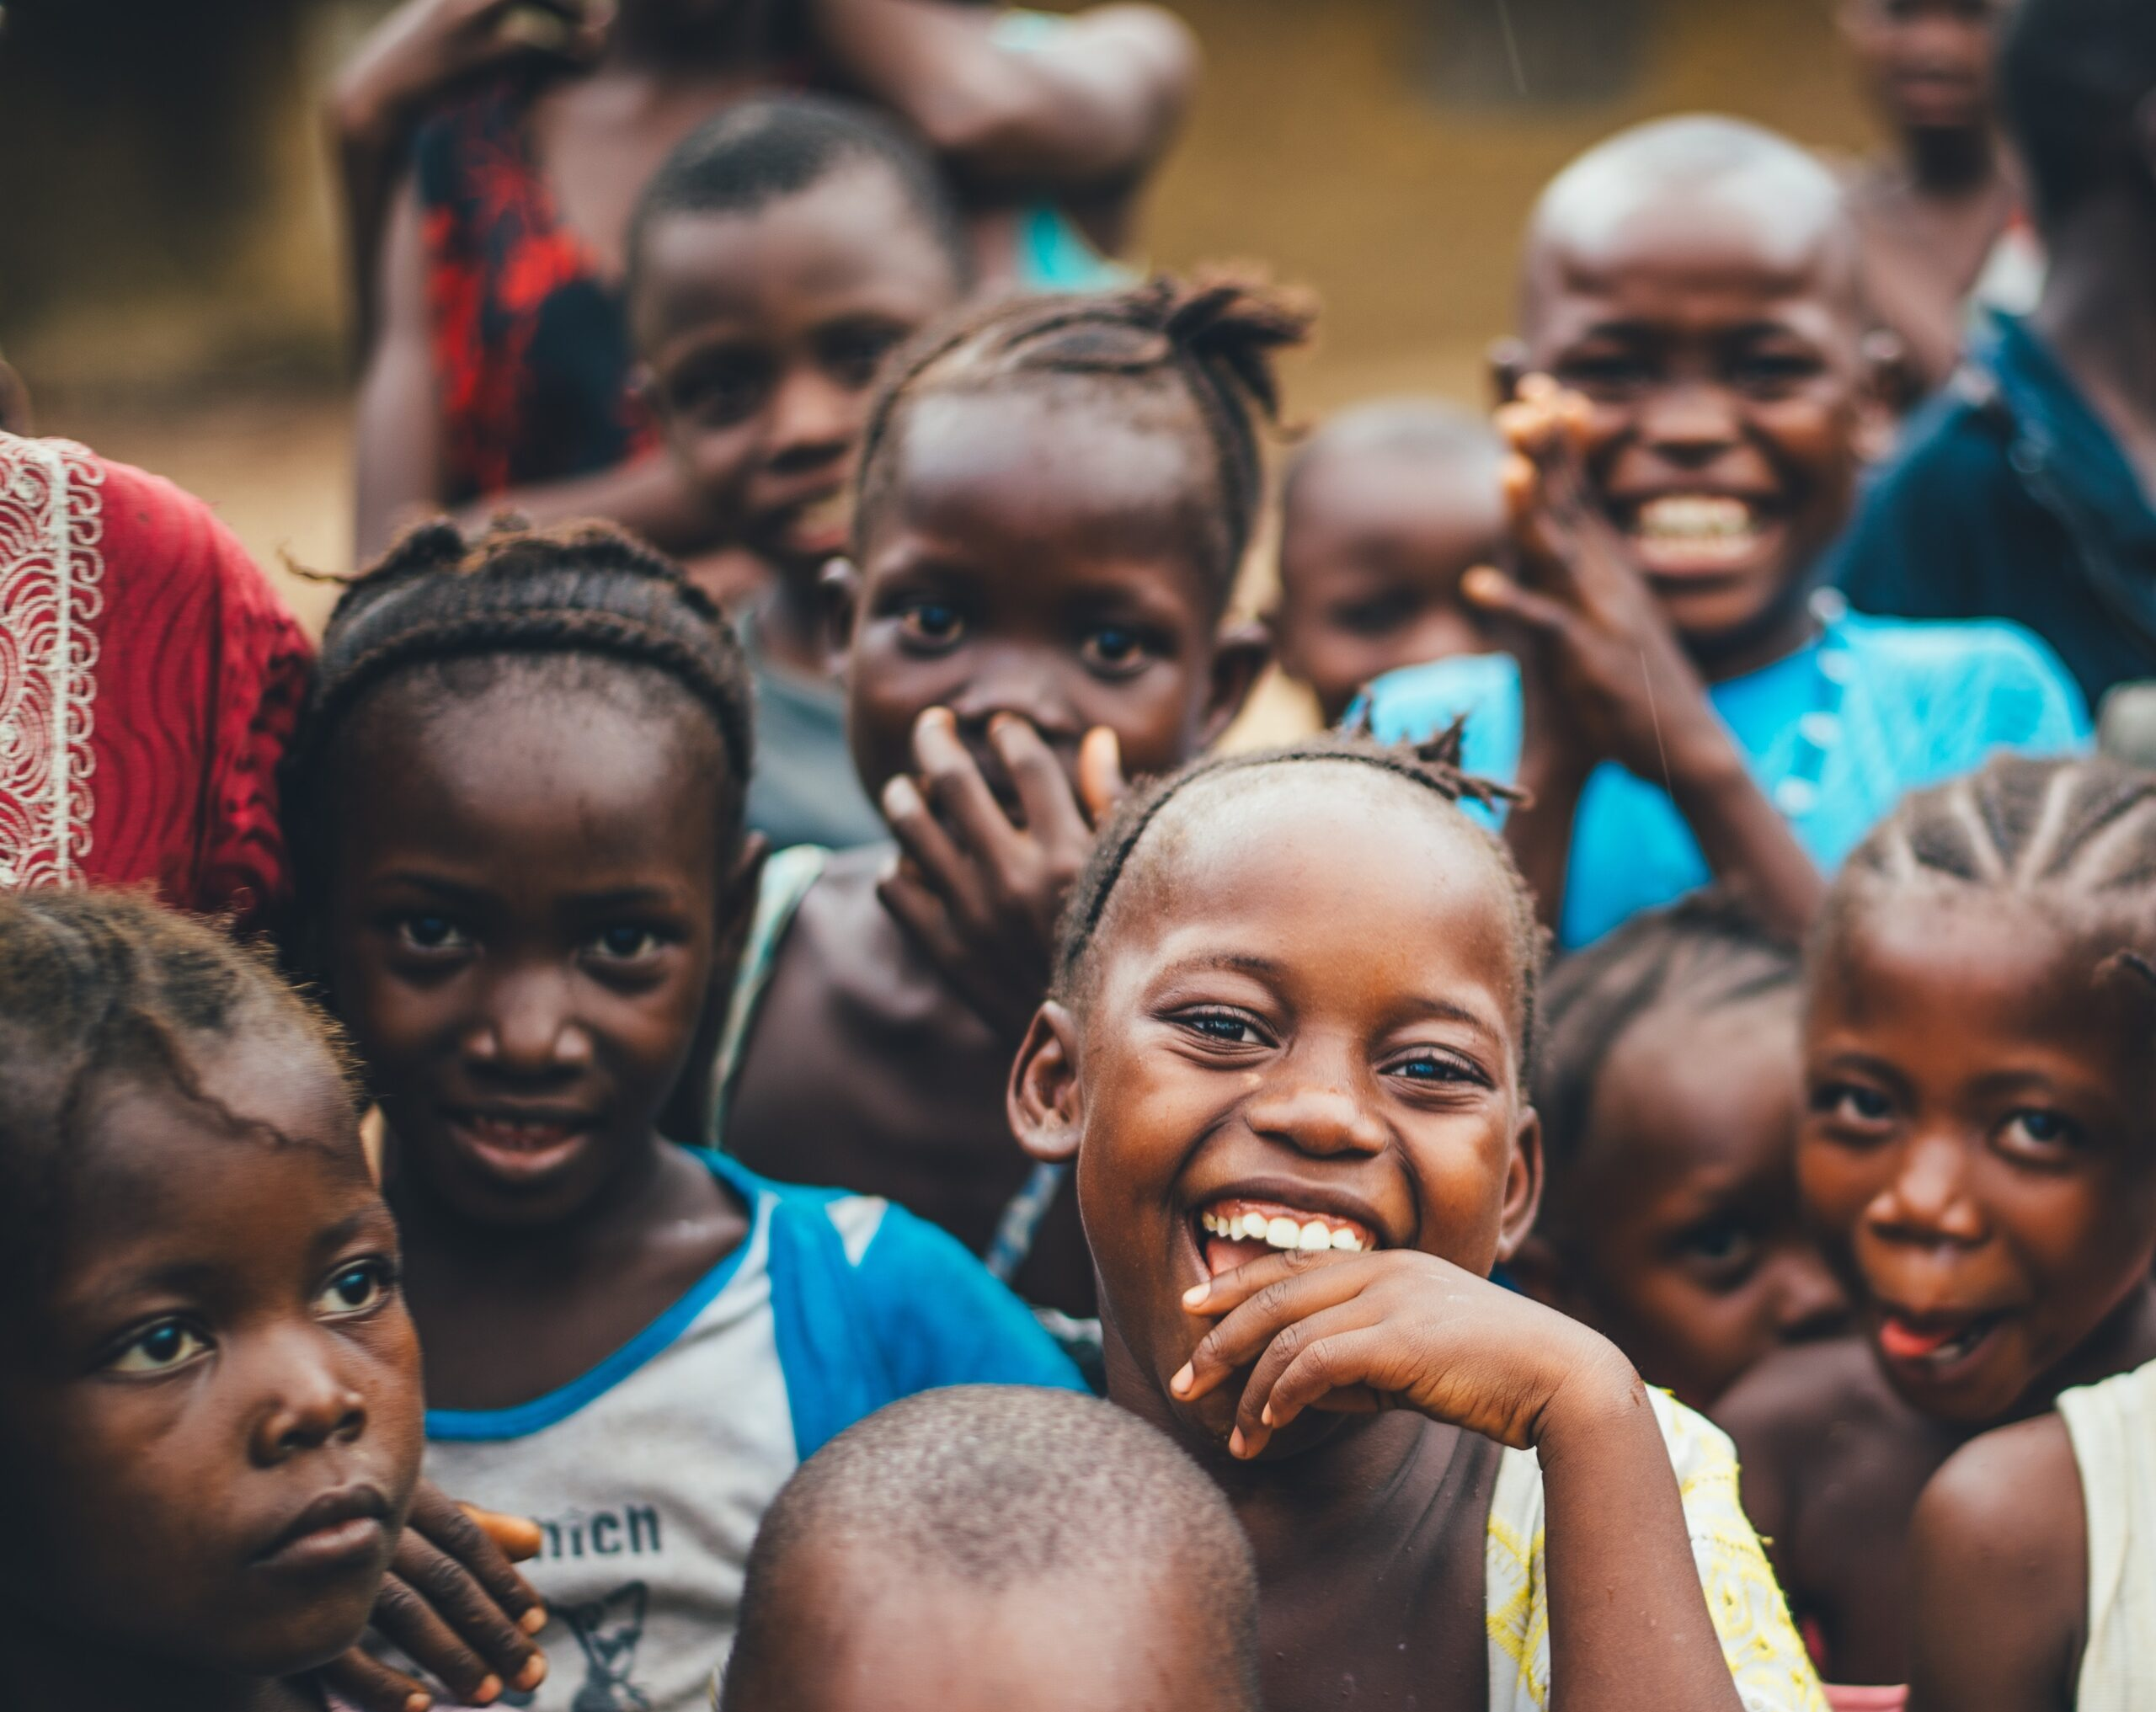 Imagen de la noticia Promovidos los derechos humanos en materia de abastecimiento de agua, saneamiento e higiene de la población afectada de Mare Roseaux fomentando la resiliencia y la gestión igualitaria de los recursos